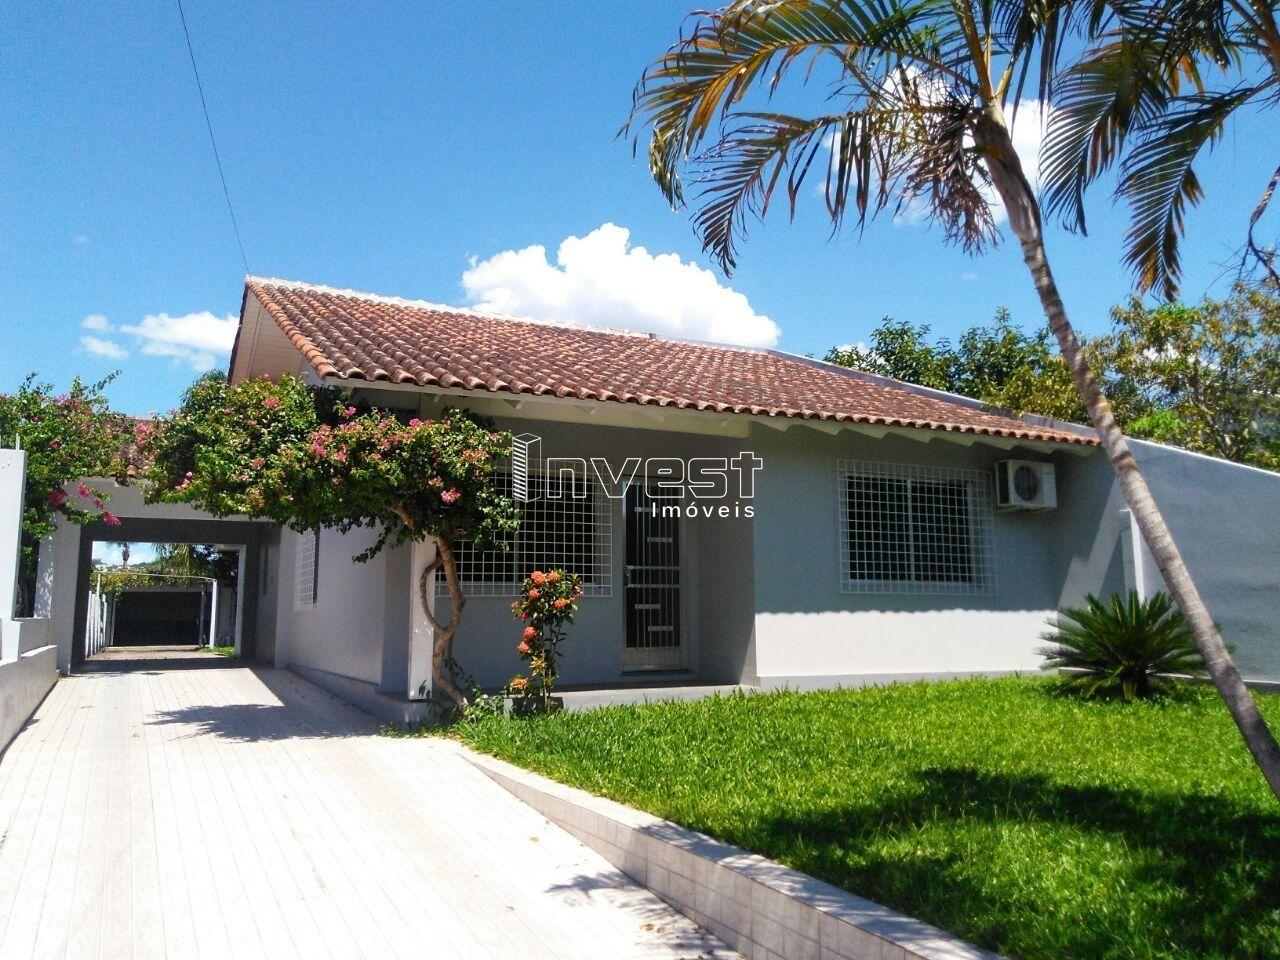 Casa à venda  no Goiás - Santa Cruz do Sul, RS. Imóveis